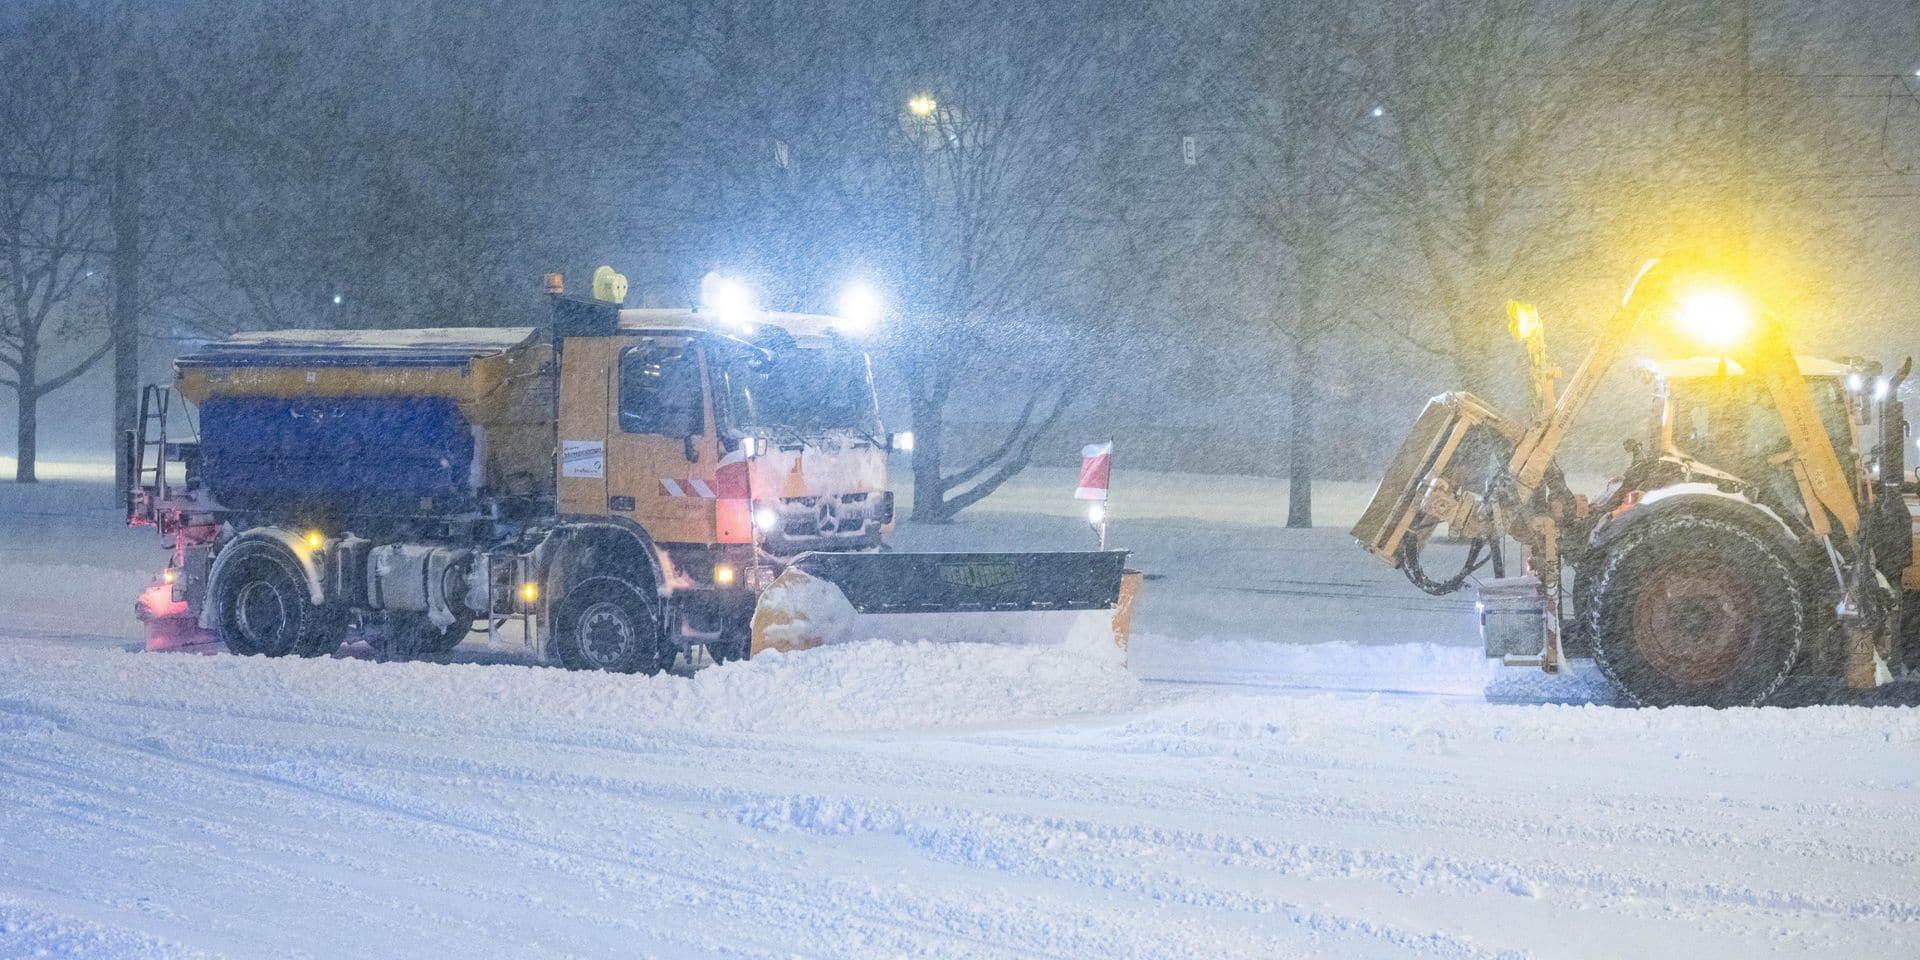 La ville de Bielefeld est figée par la neige.